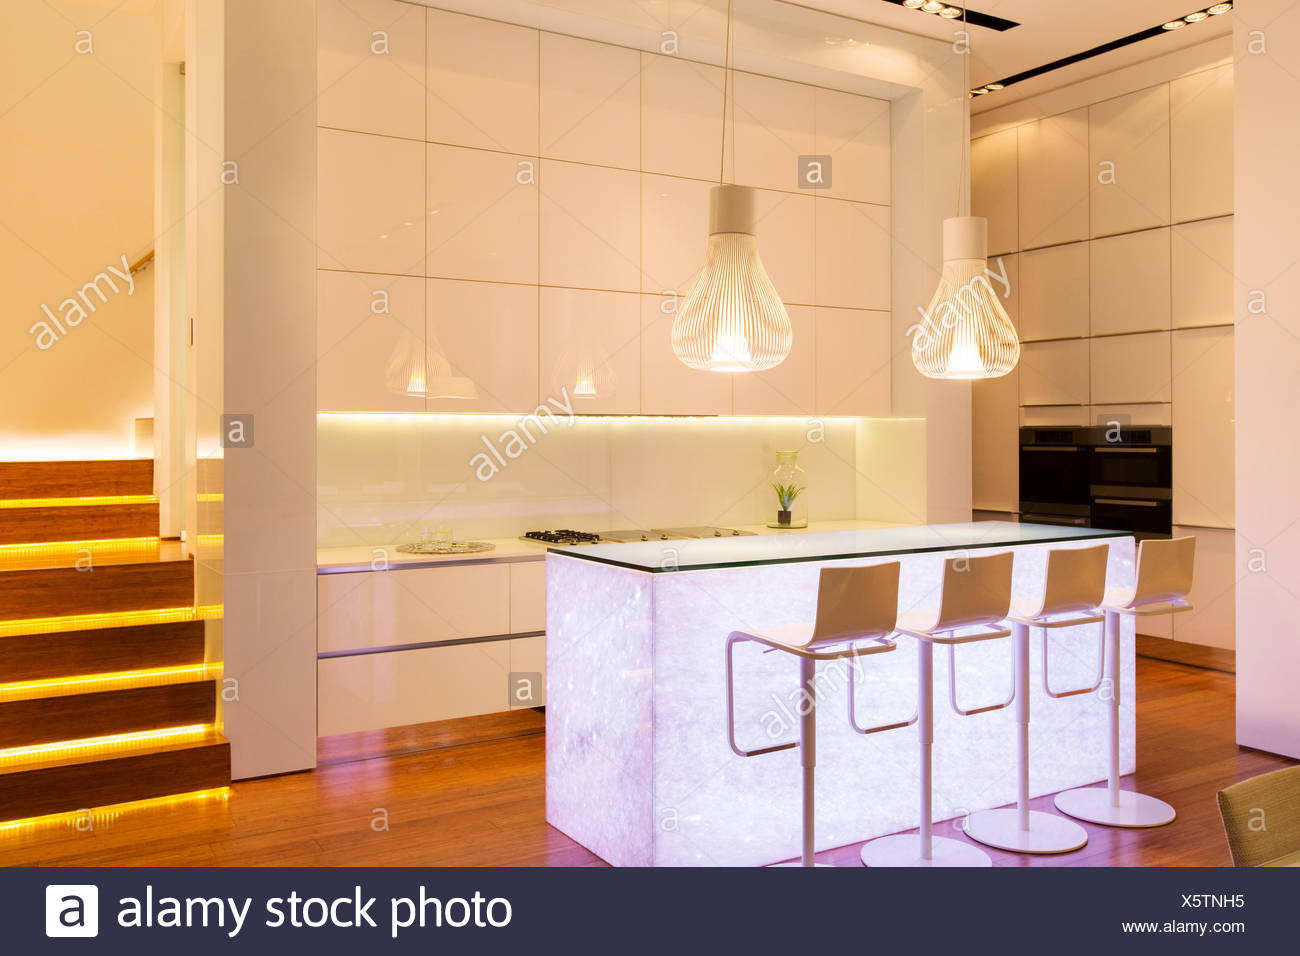 Bar-Hocker und Beleuchtung in moderne Küche Stockfoto, Bild ...